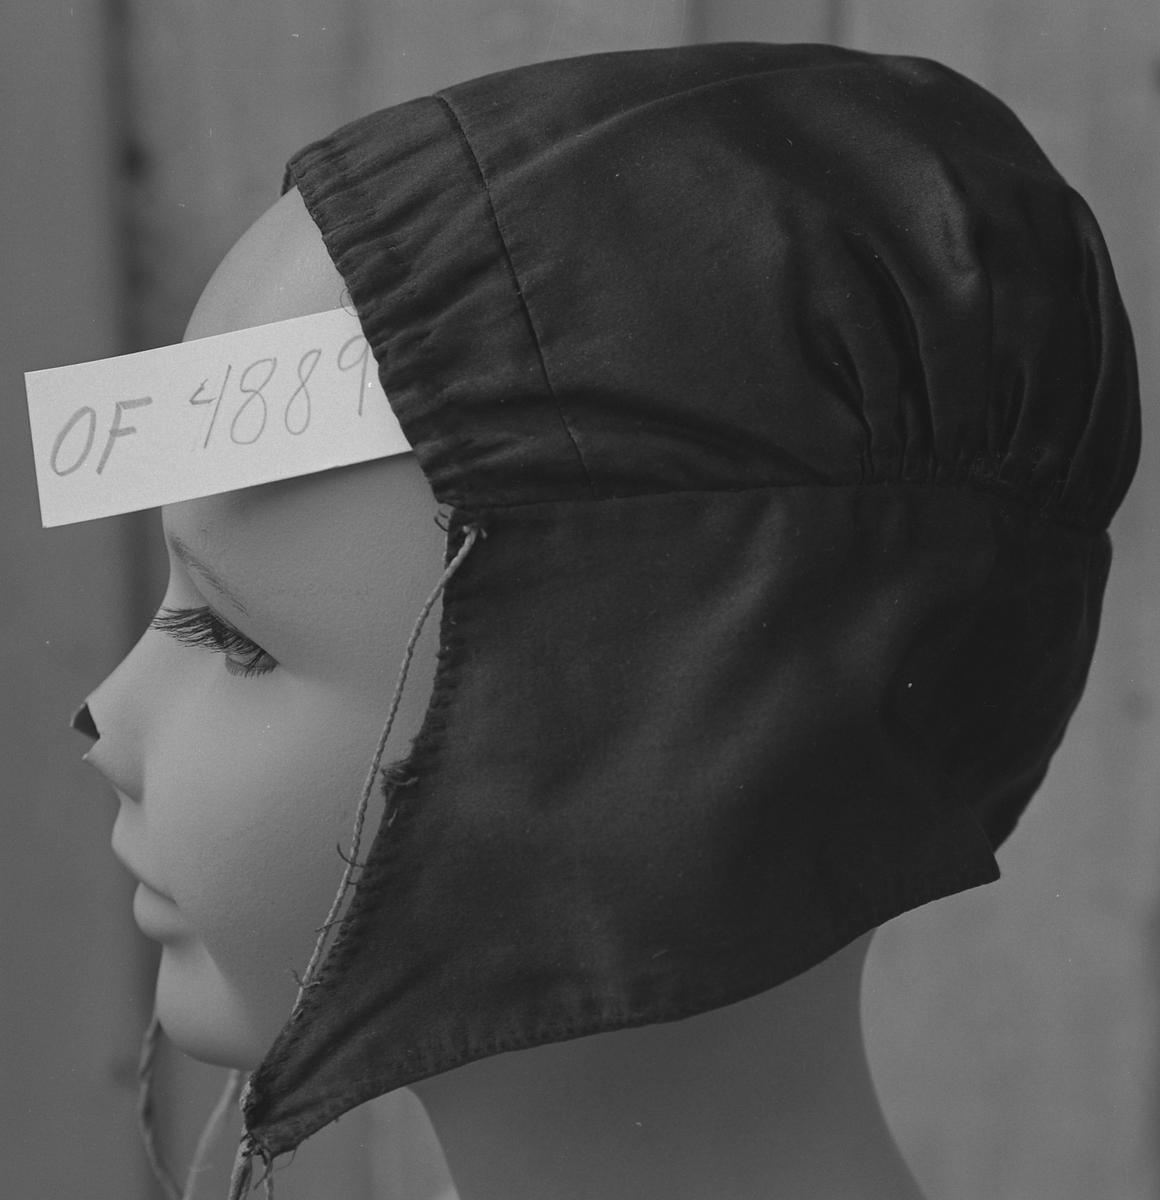 Rynkelue i svart silke, uten blonde, grovt fôr i bomull (ViVi, EIE sier lin), hakebånd og rynkesnor i bomull (ViVi, EIE sier lin).